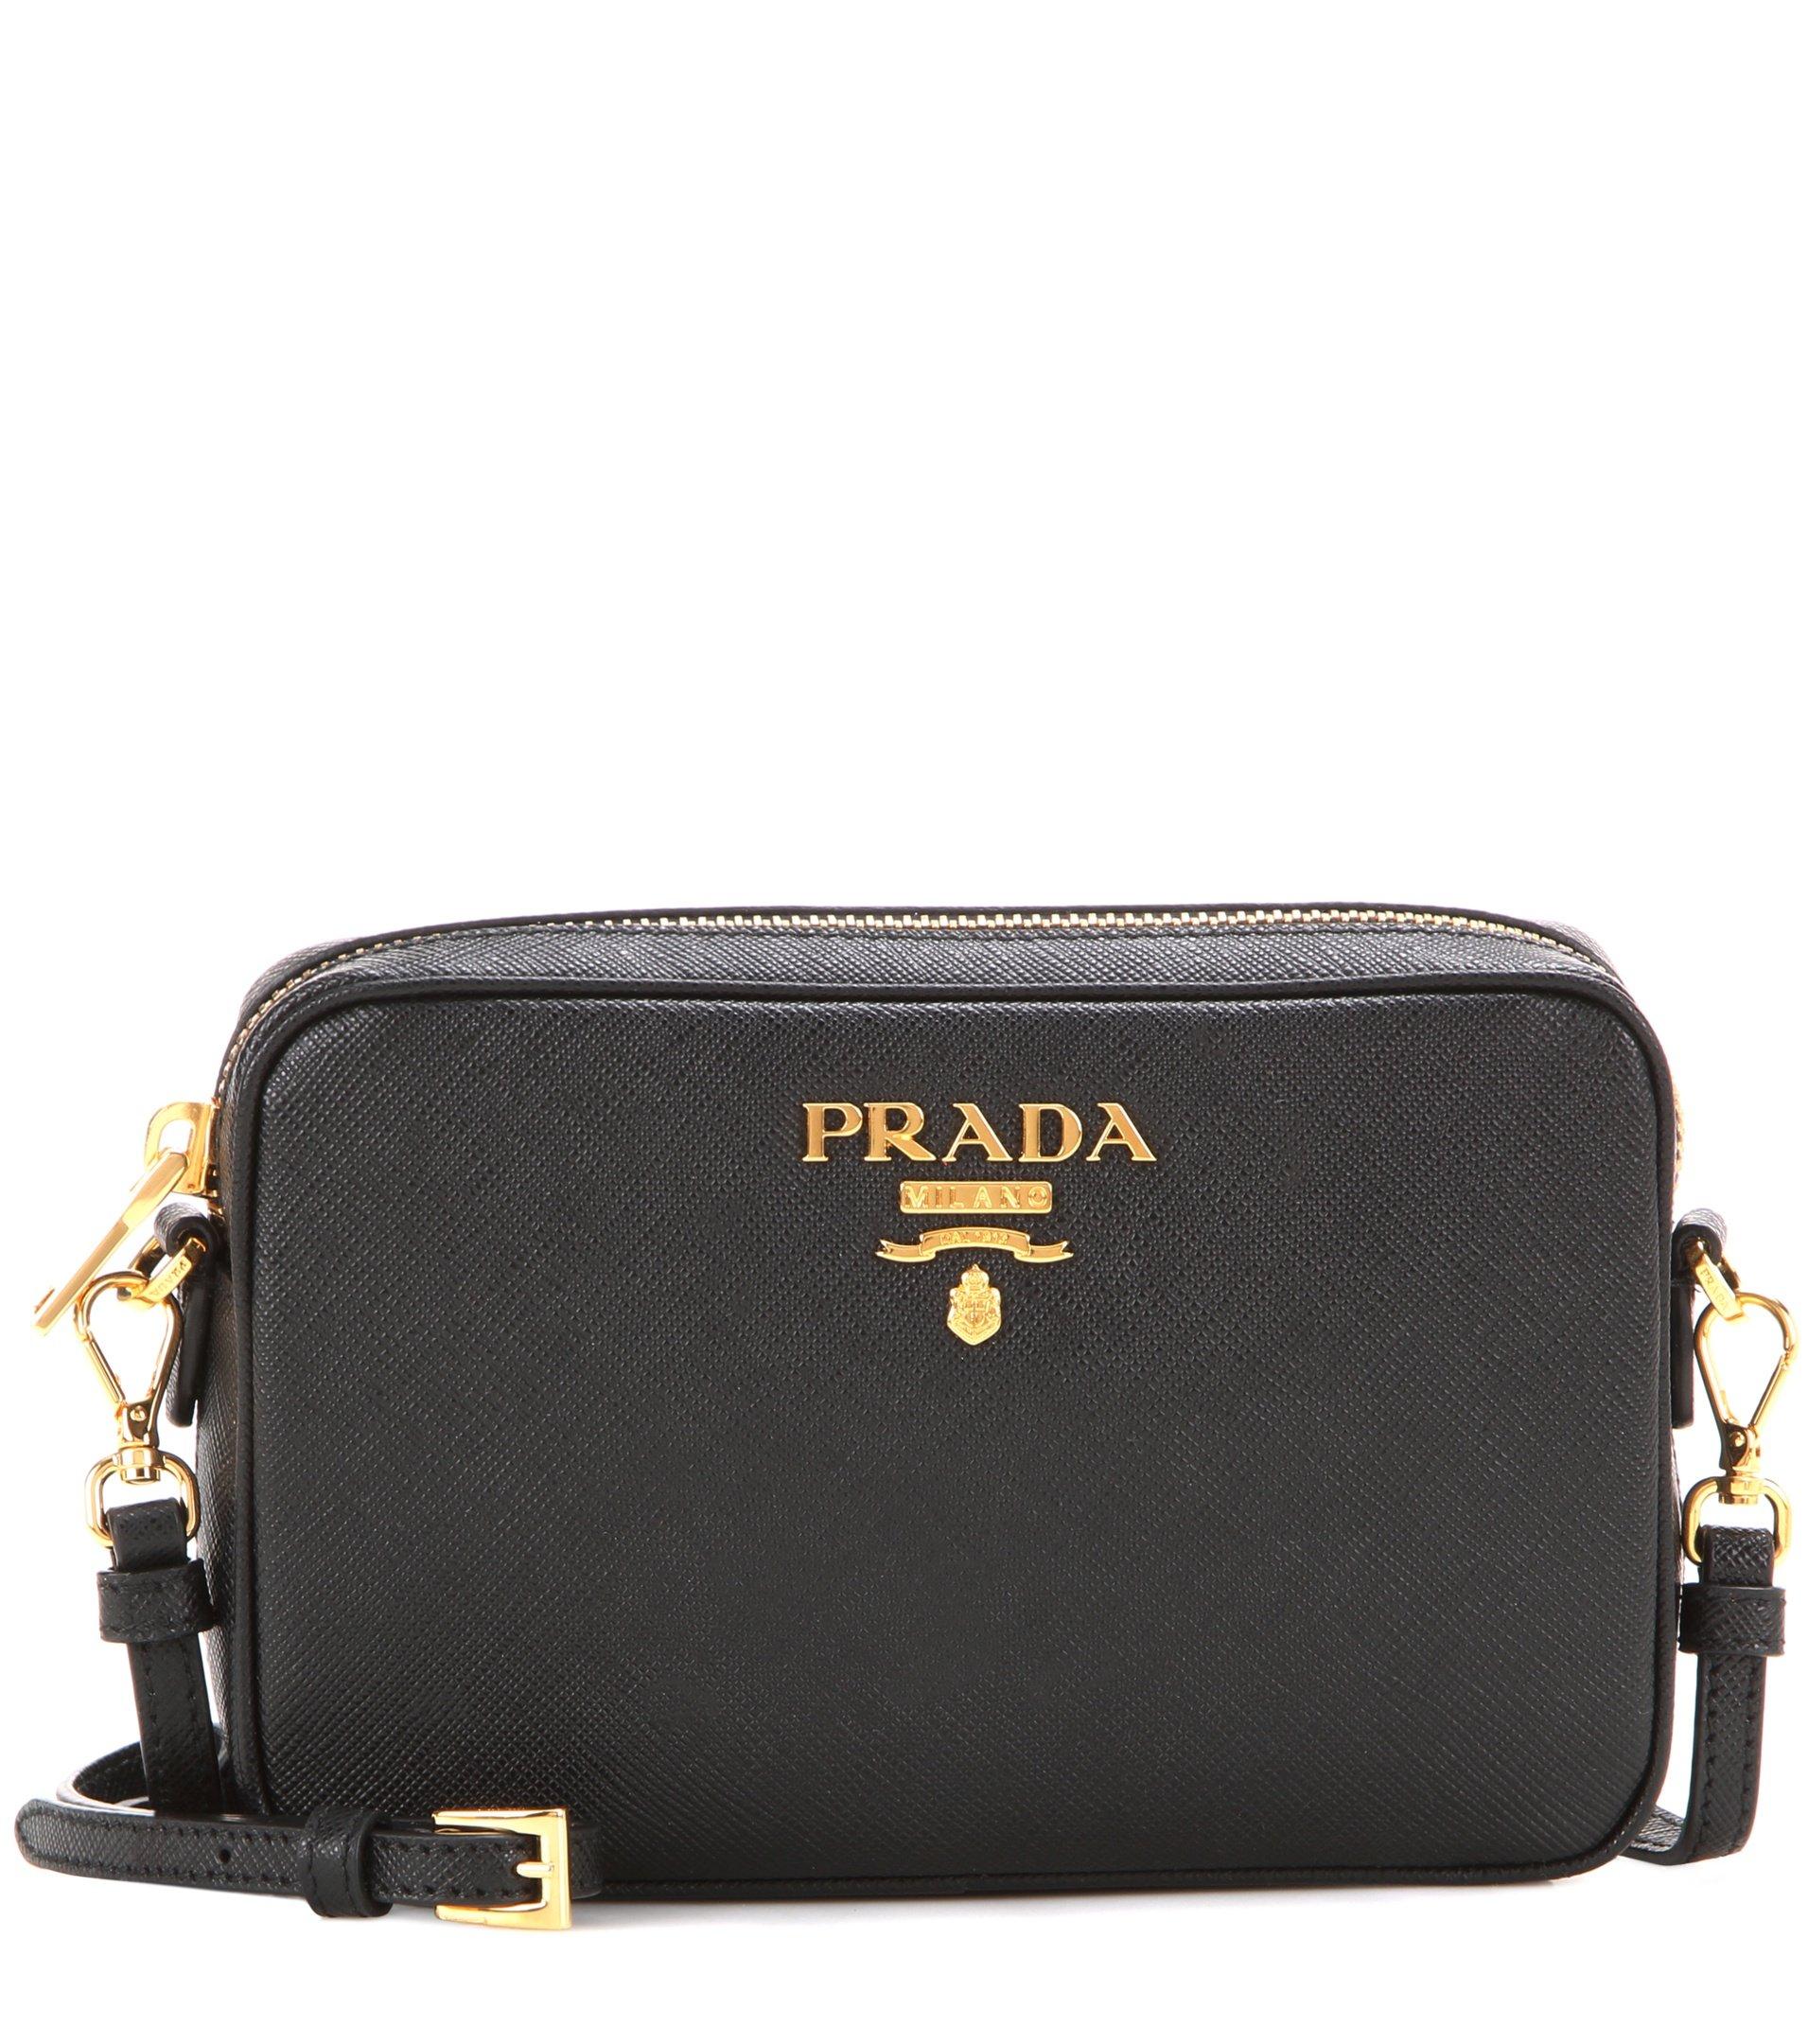 Lyst Prada Saffiano Leather Crossbody Bag In Black